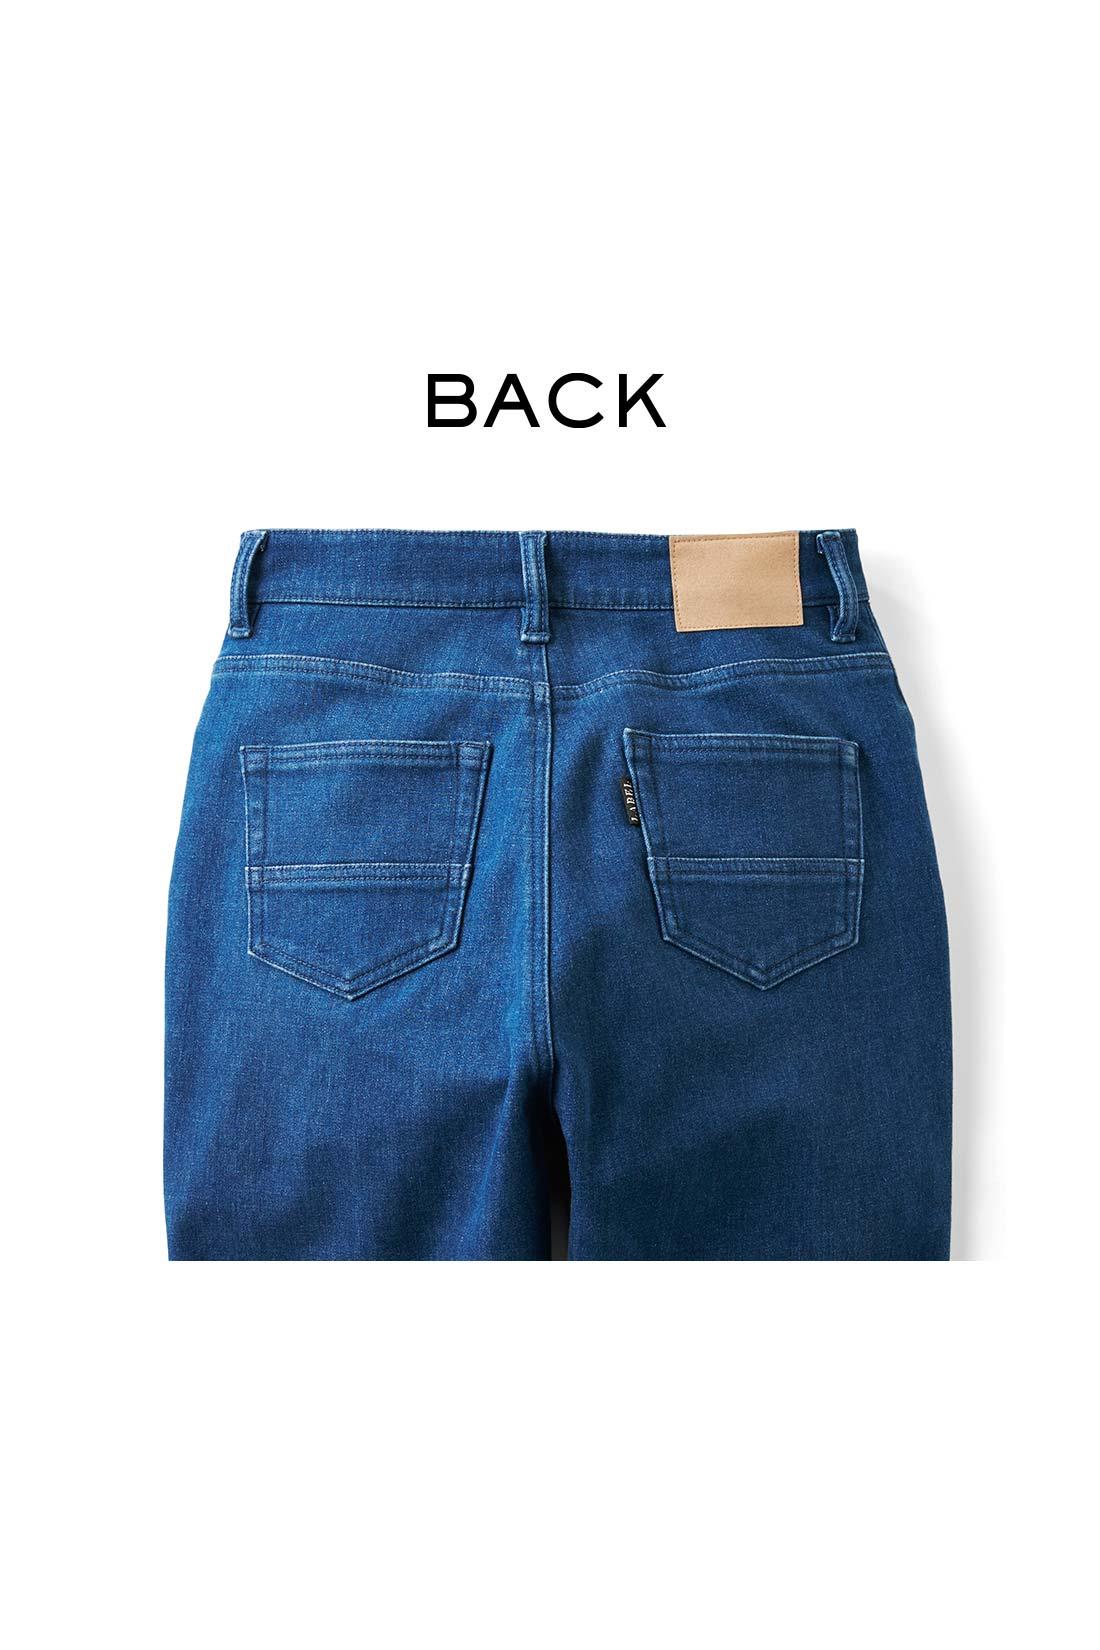 小尻効果のあるポケットやピスネーム、スエード調のパッチなど、ディテールも本格的。 ※お届けするカラーとは異なります。